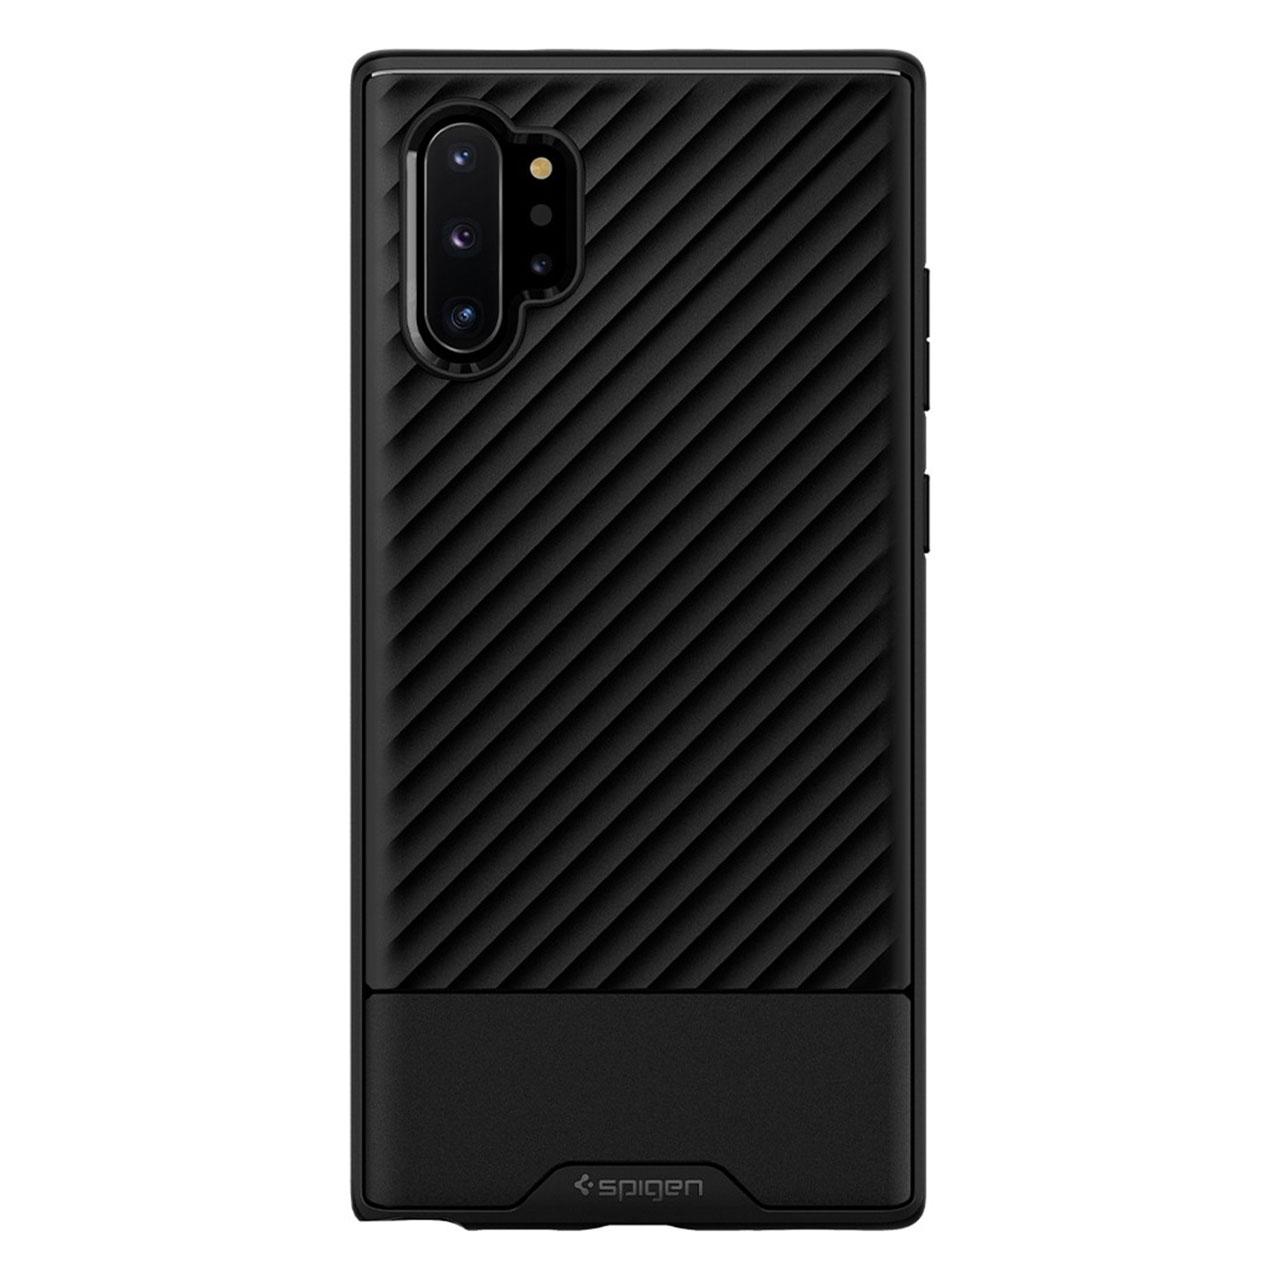 بررسی و {خرید با تخفیف} کاور اسپیگن مدل Core Armor مناسب برای گوشی موبایل سامسونگ Galaxy Note 10 Plus اصل